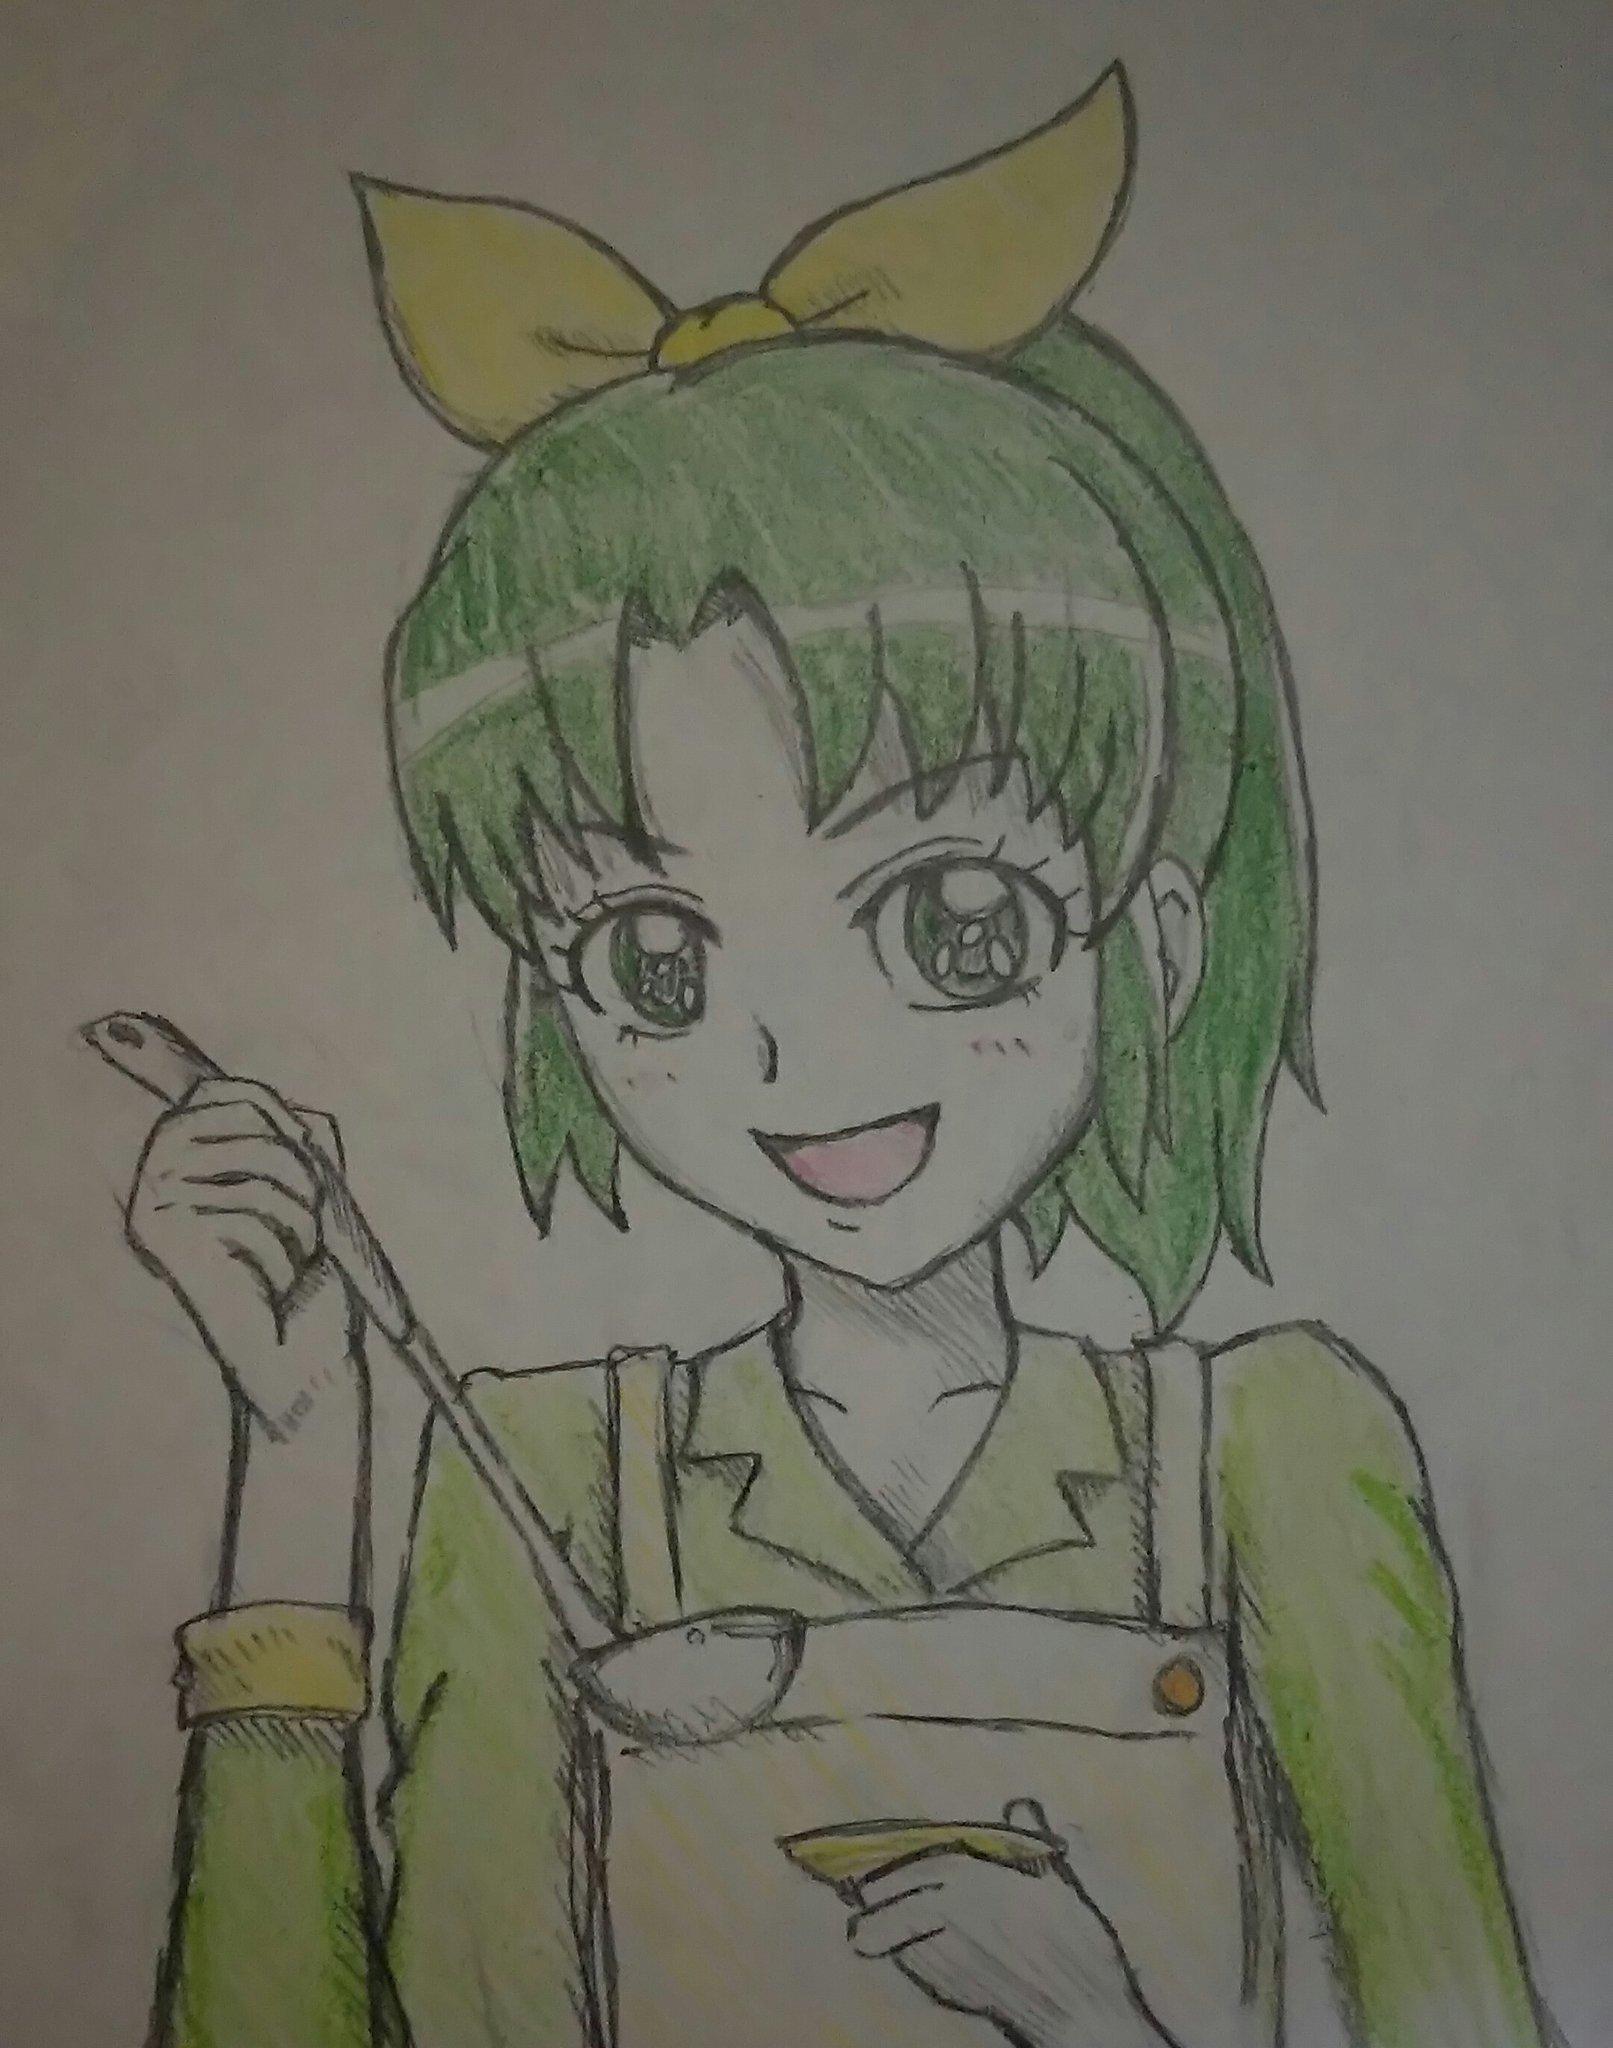 ゴーストリックまじょやん (@yuyunini96)さんのイラスト